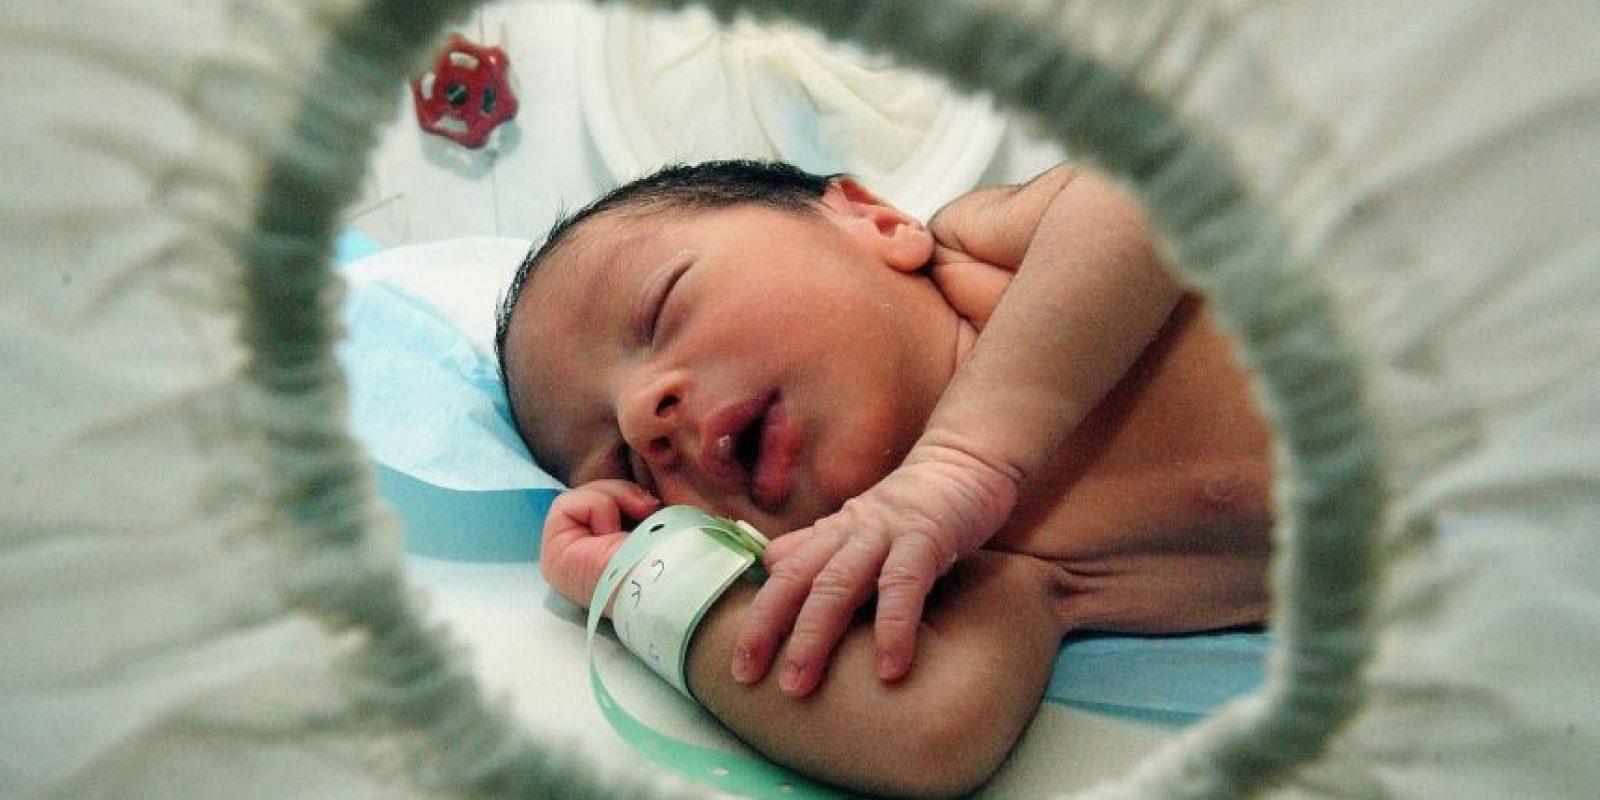 Muchos niños prematuros empiezan a respirar de forma autónoma desde el momento en que nacen, pero otros necesitan reanimación. Foto:Getty Images